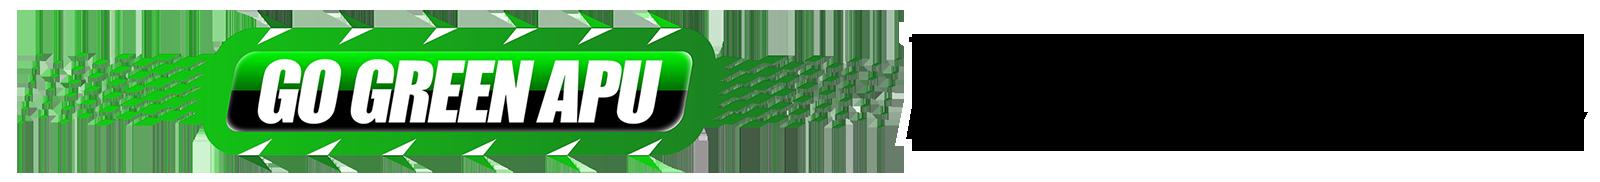 Go Green APU